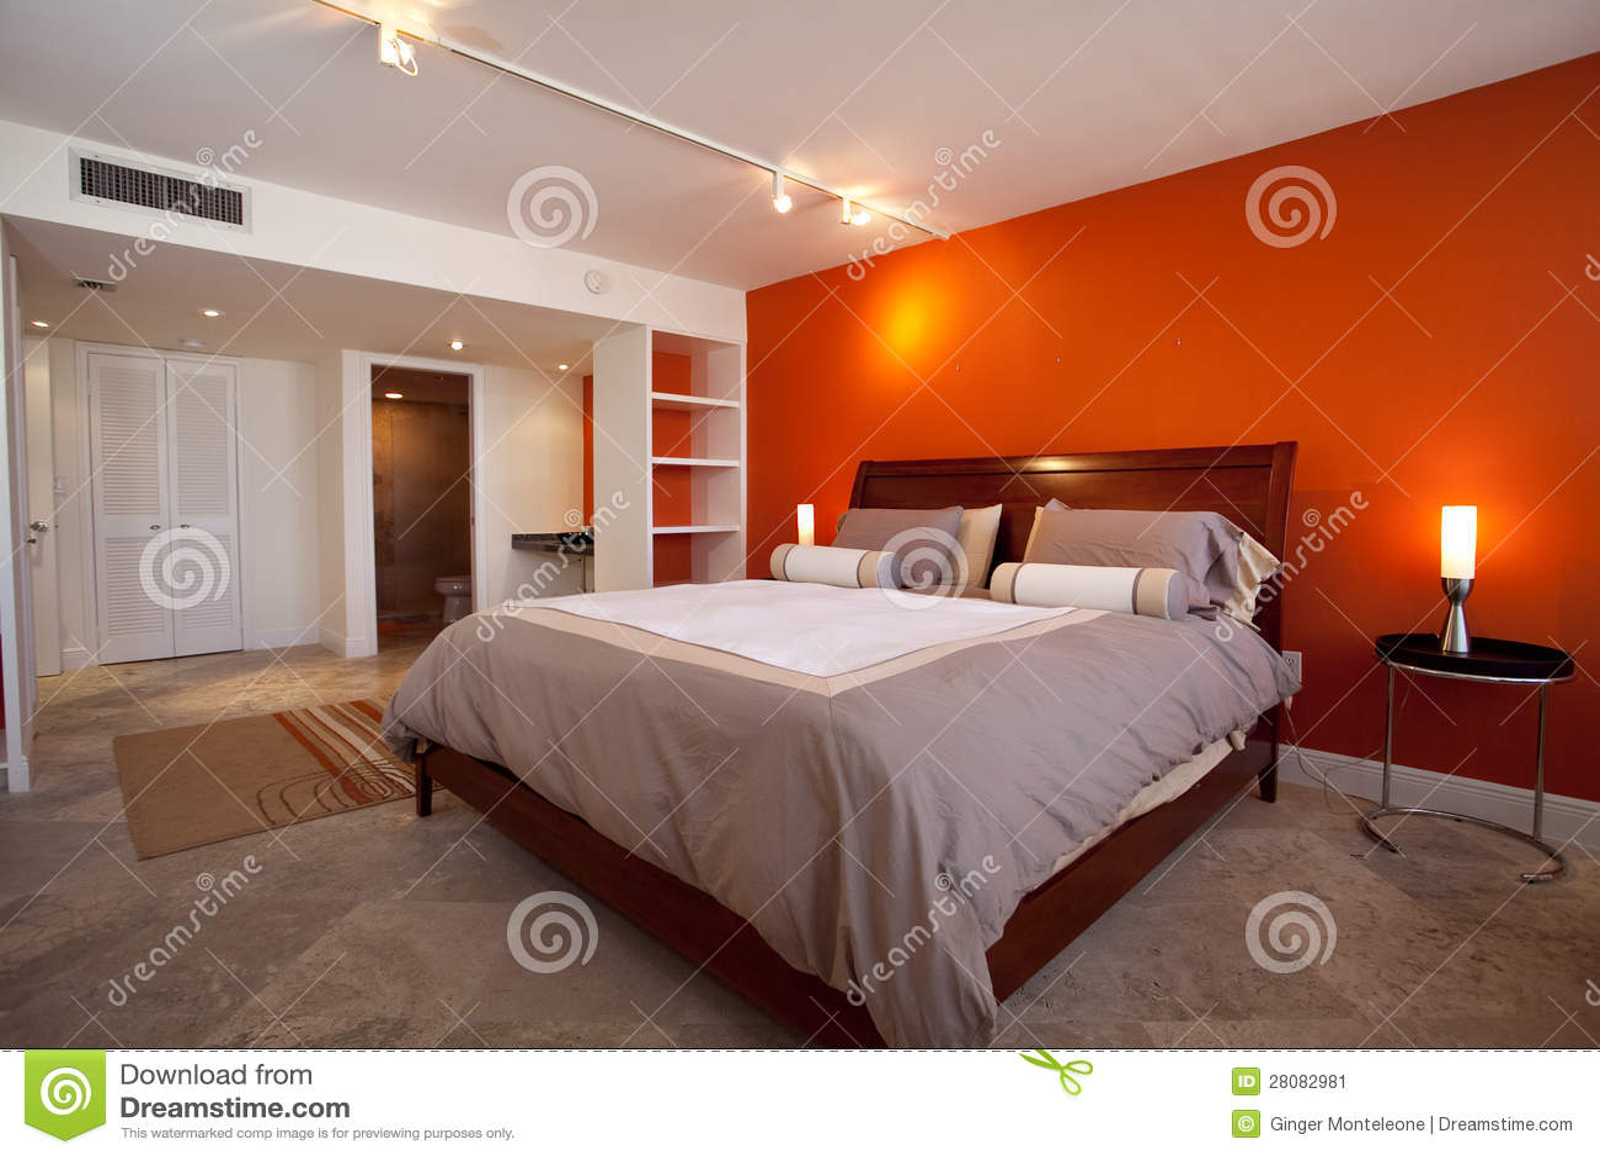 chambre coucher avec le mur orange image stock image. Black Bedroom Furniture Sets. Home Design Ideas